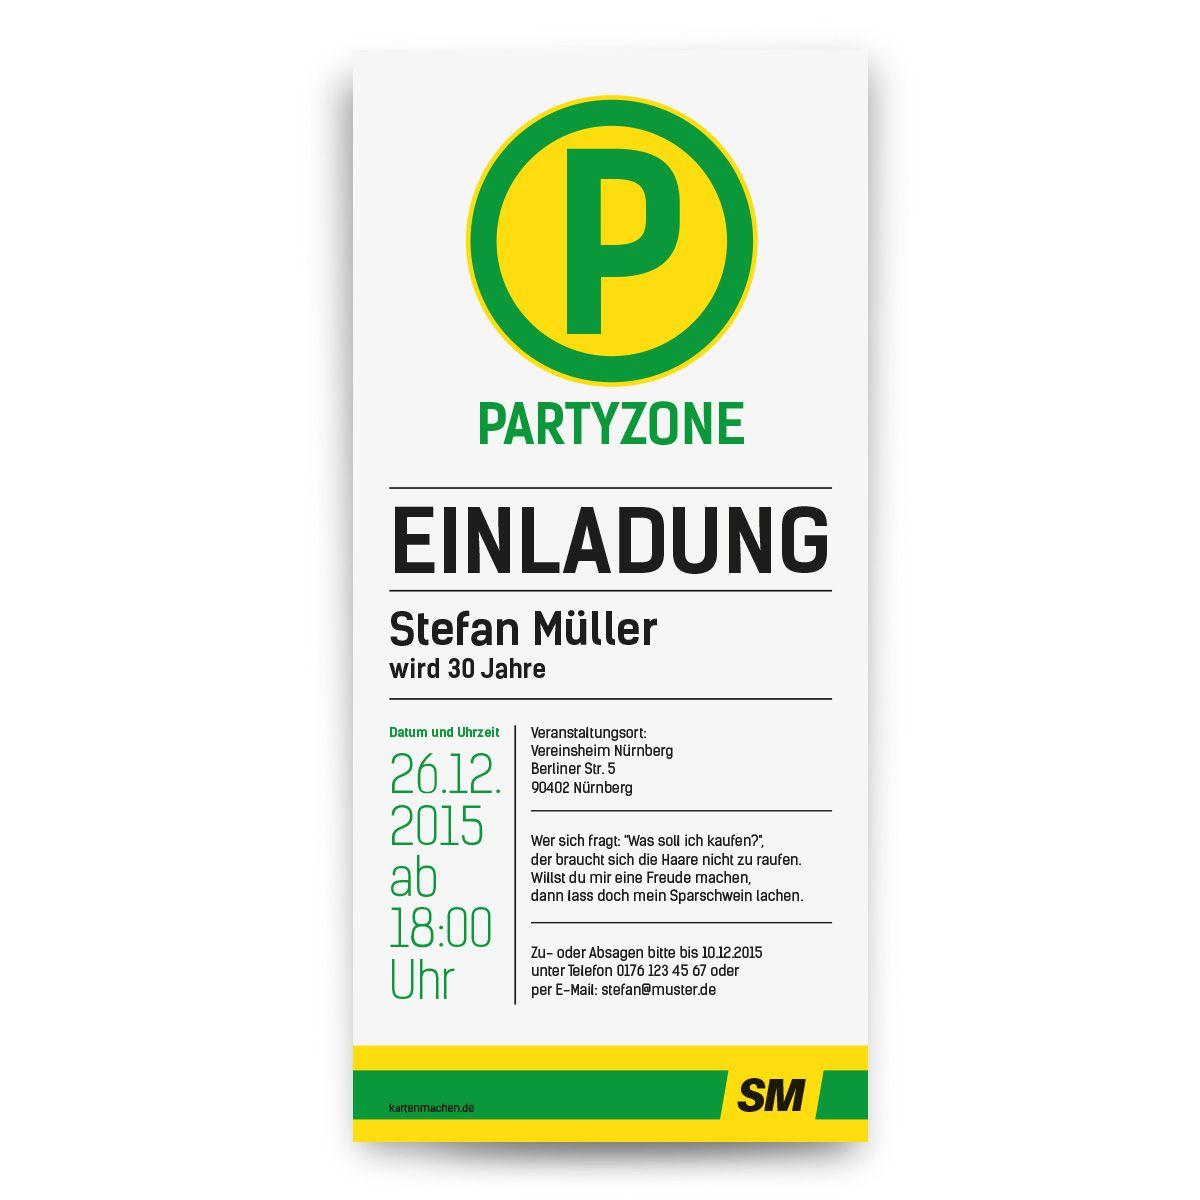 Einladungskarten Als Haltestellenschild :) #einladungskarten #einladung # Party #geburtstag #kartenmachende